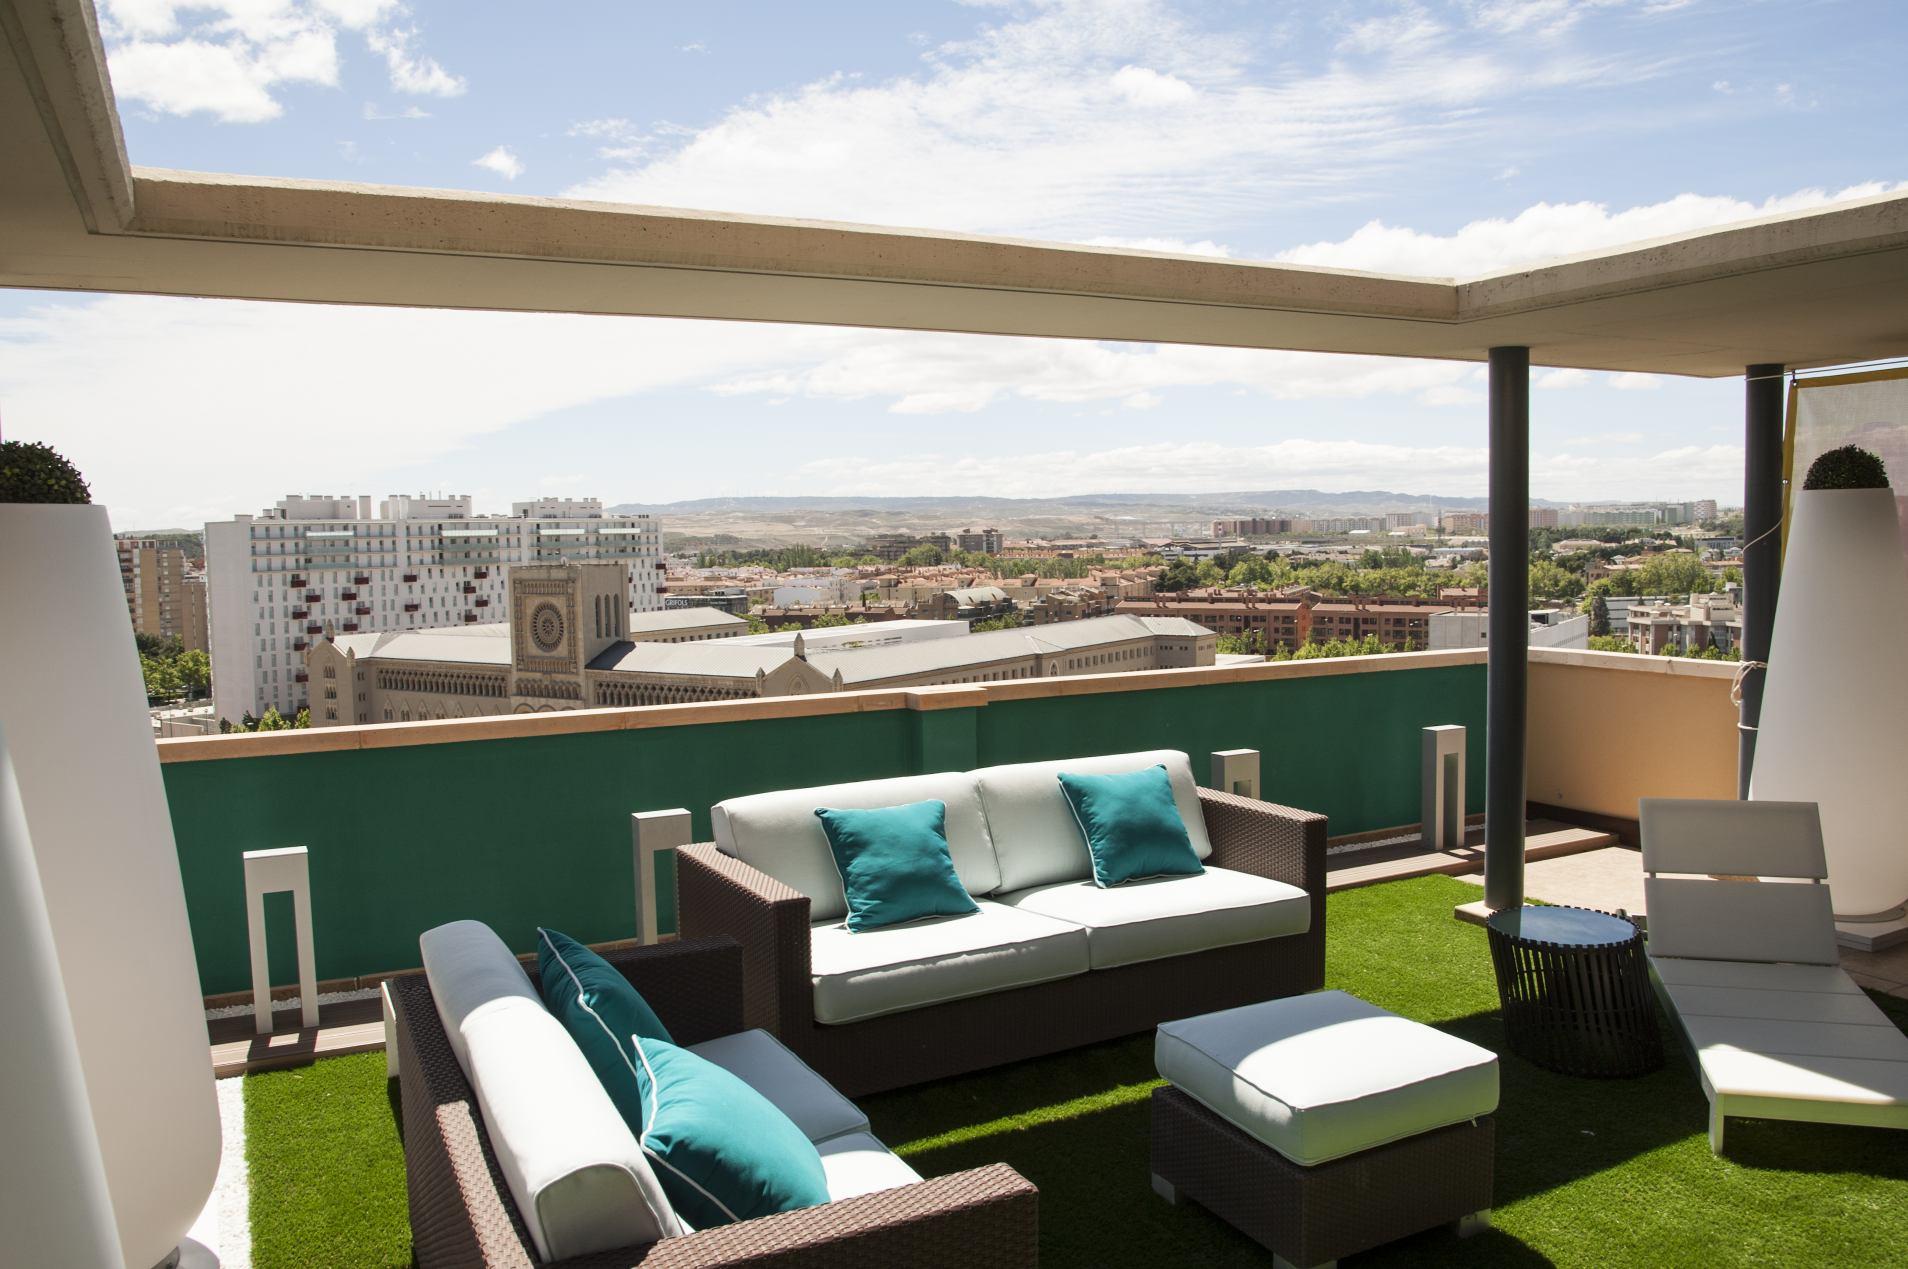 ticos porque las terrazas siempre dan vida blog inmobiliario noticias sector inmobiliario haya inmobiliaria